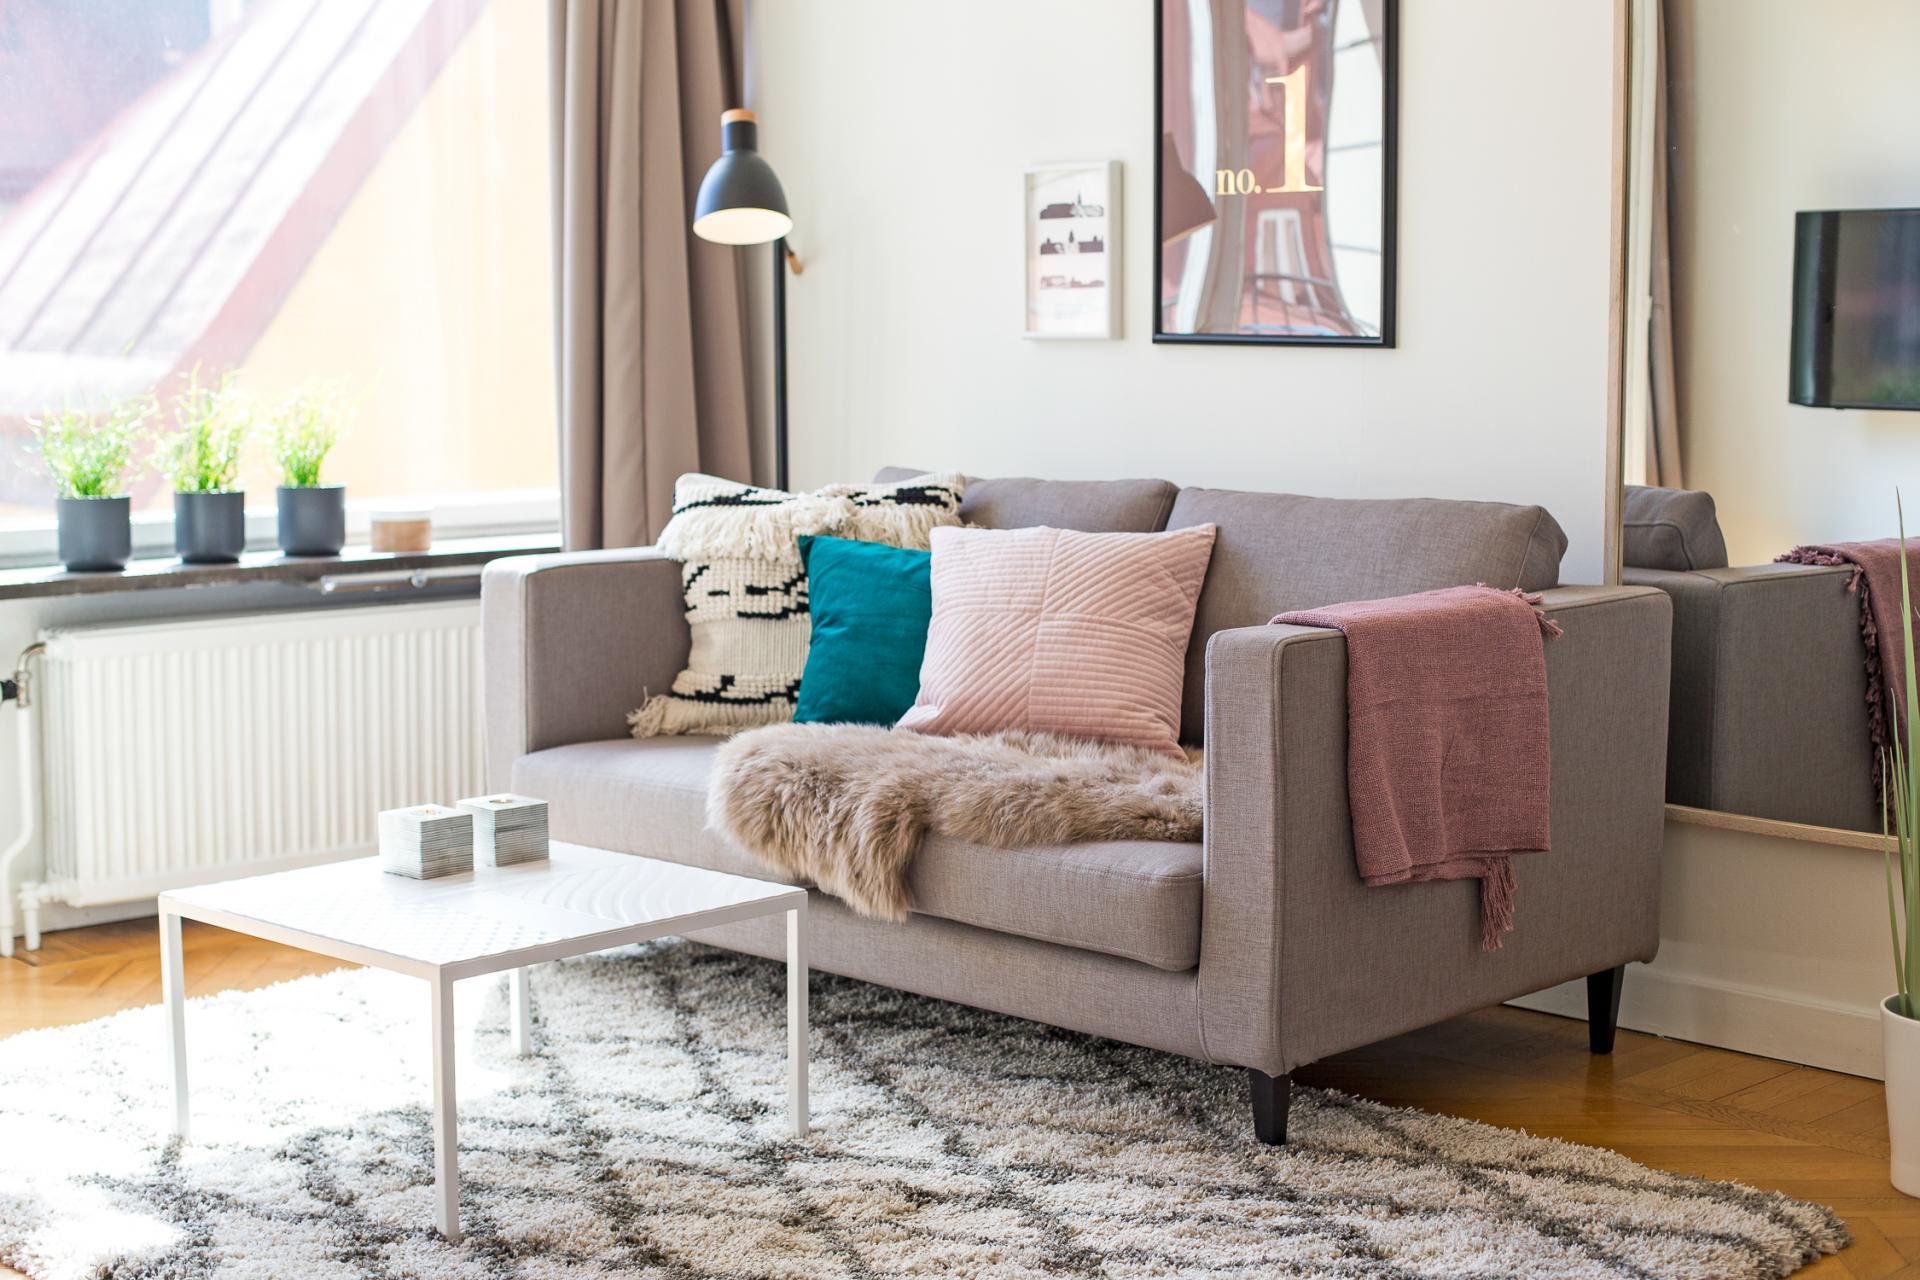 Sofa at Grevgatan Apartments - Citybase Apartments